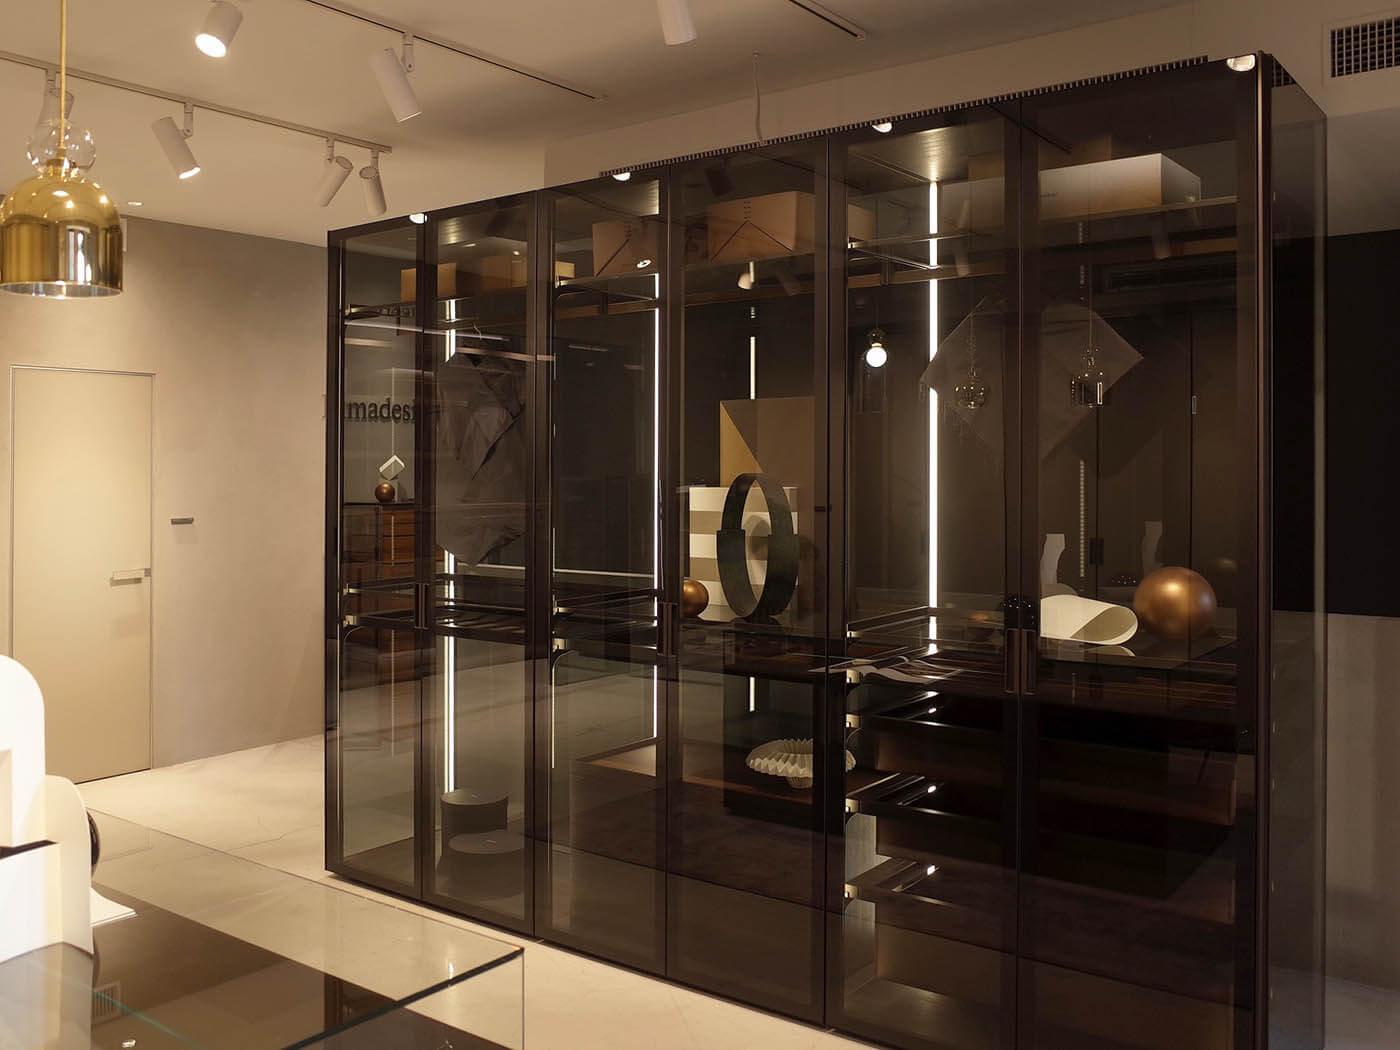 リマデジオのガラス製収納